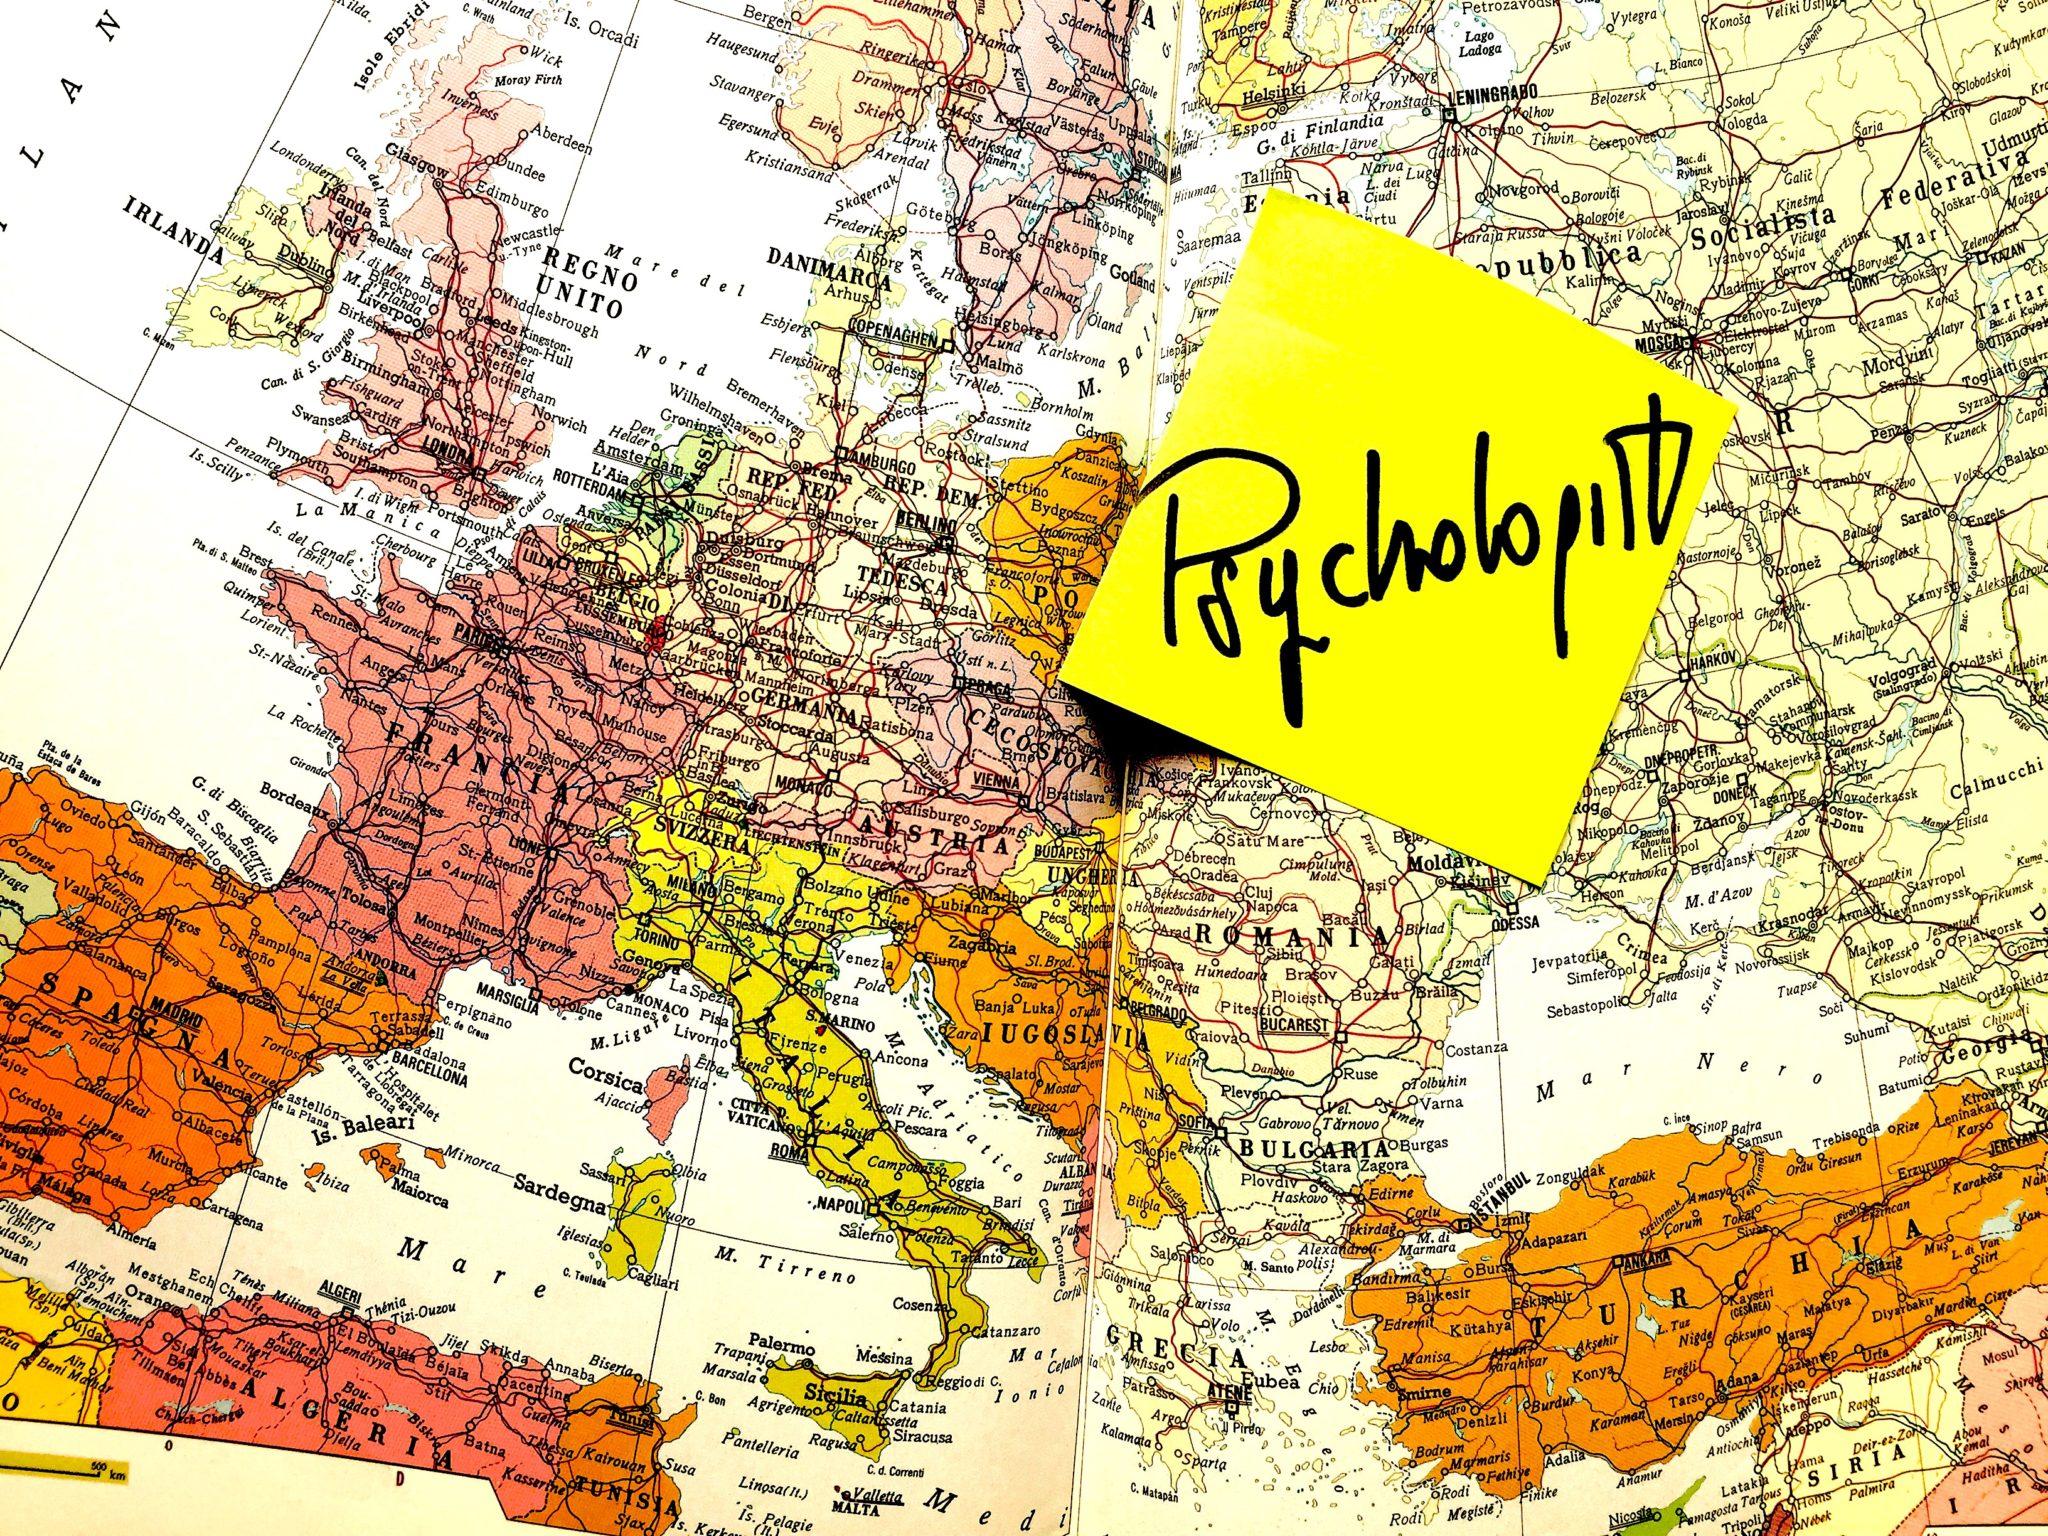 Psicologi in Europa: il report 2016 della Commissione Europea